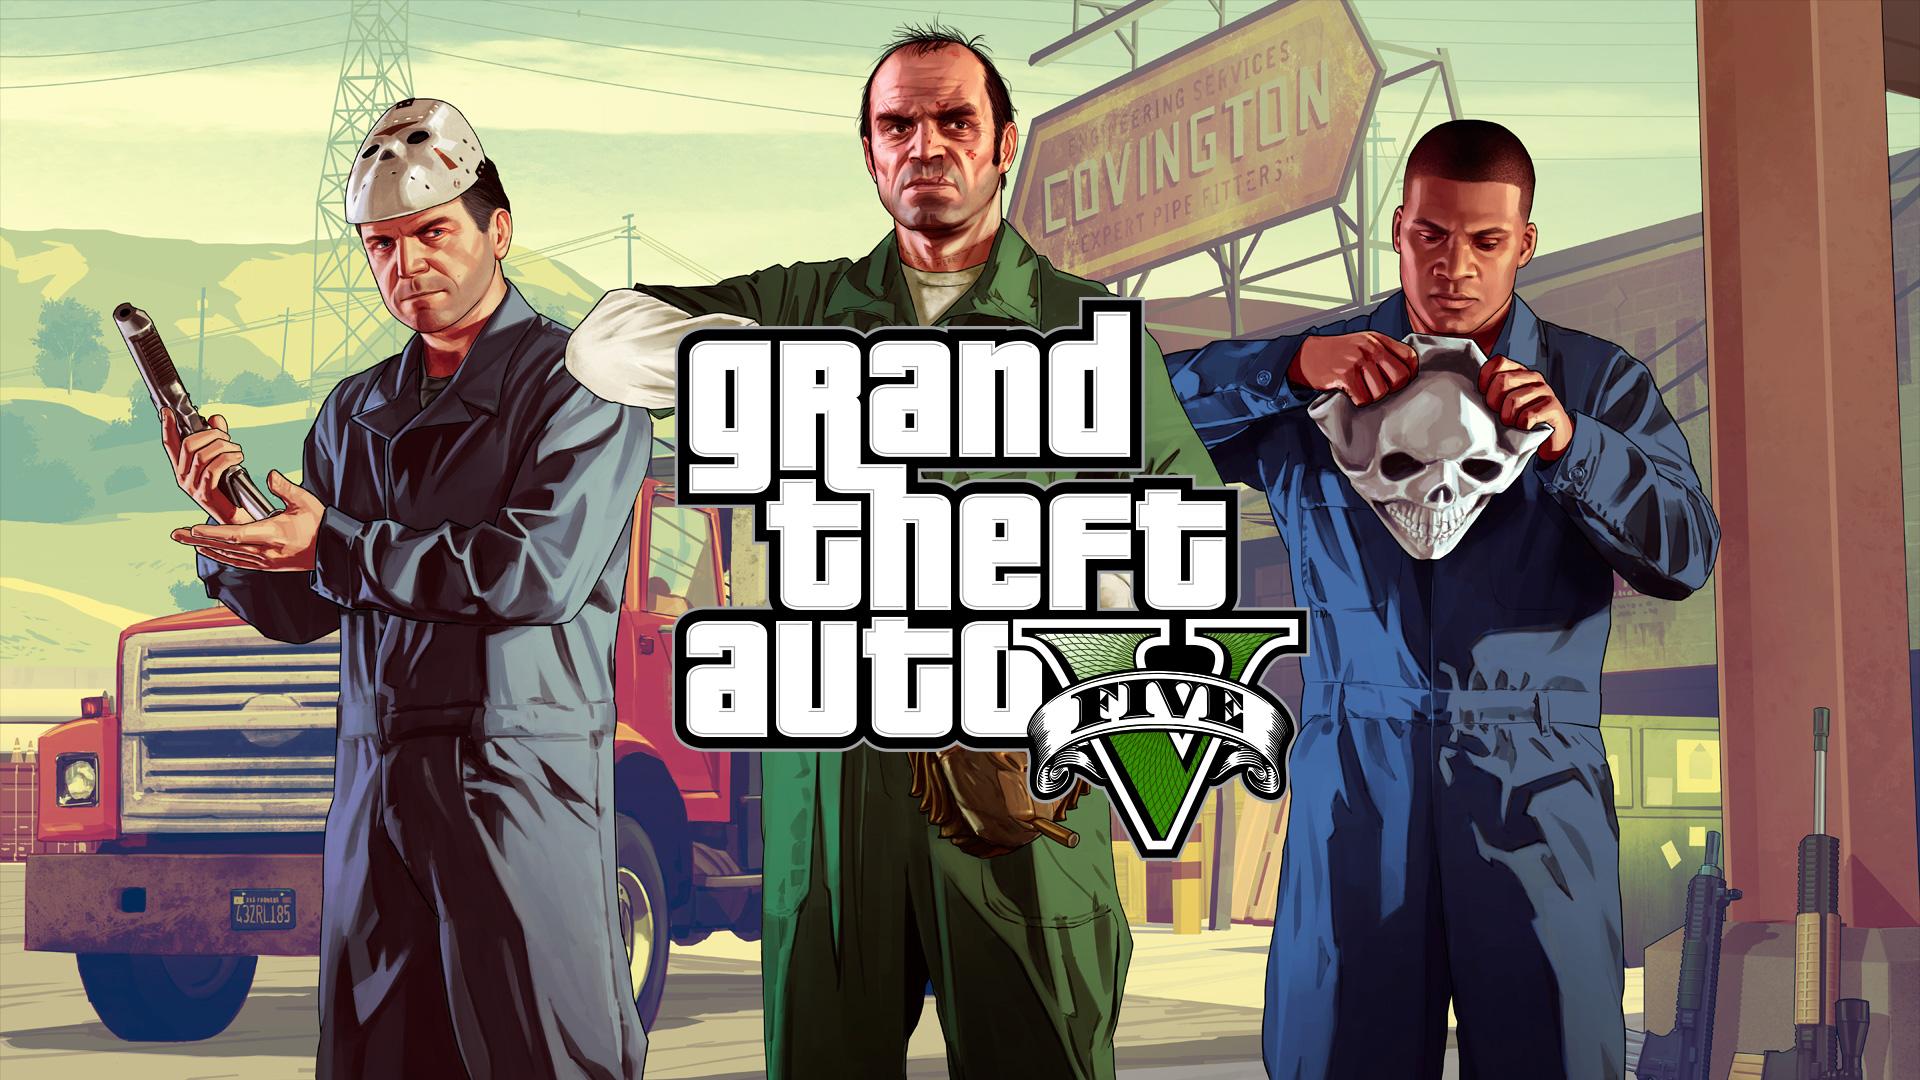 GTA V salió en 2013 y sigue vendiendo: ahora superó los 100 millones de juegos vendidos